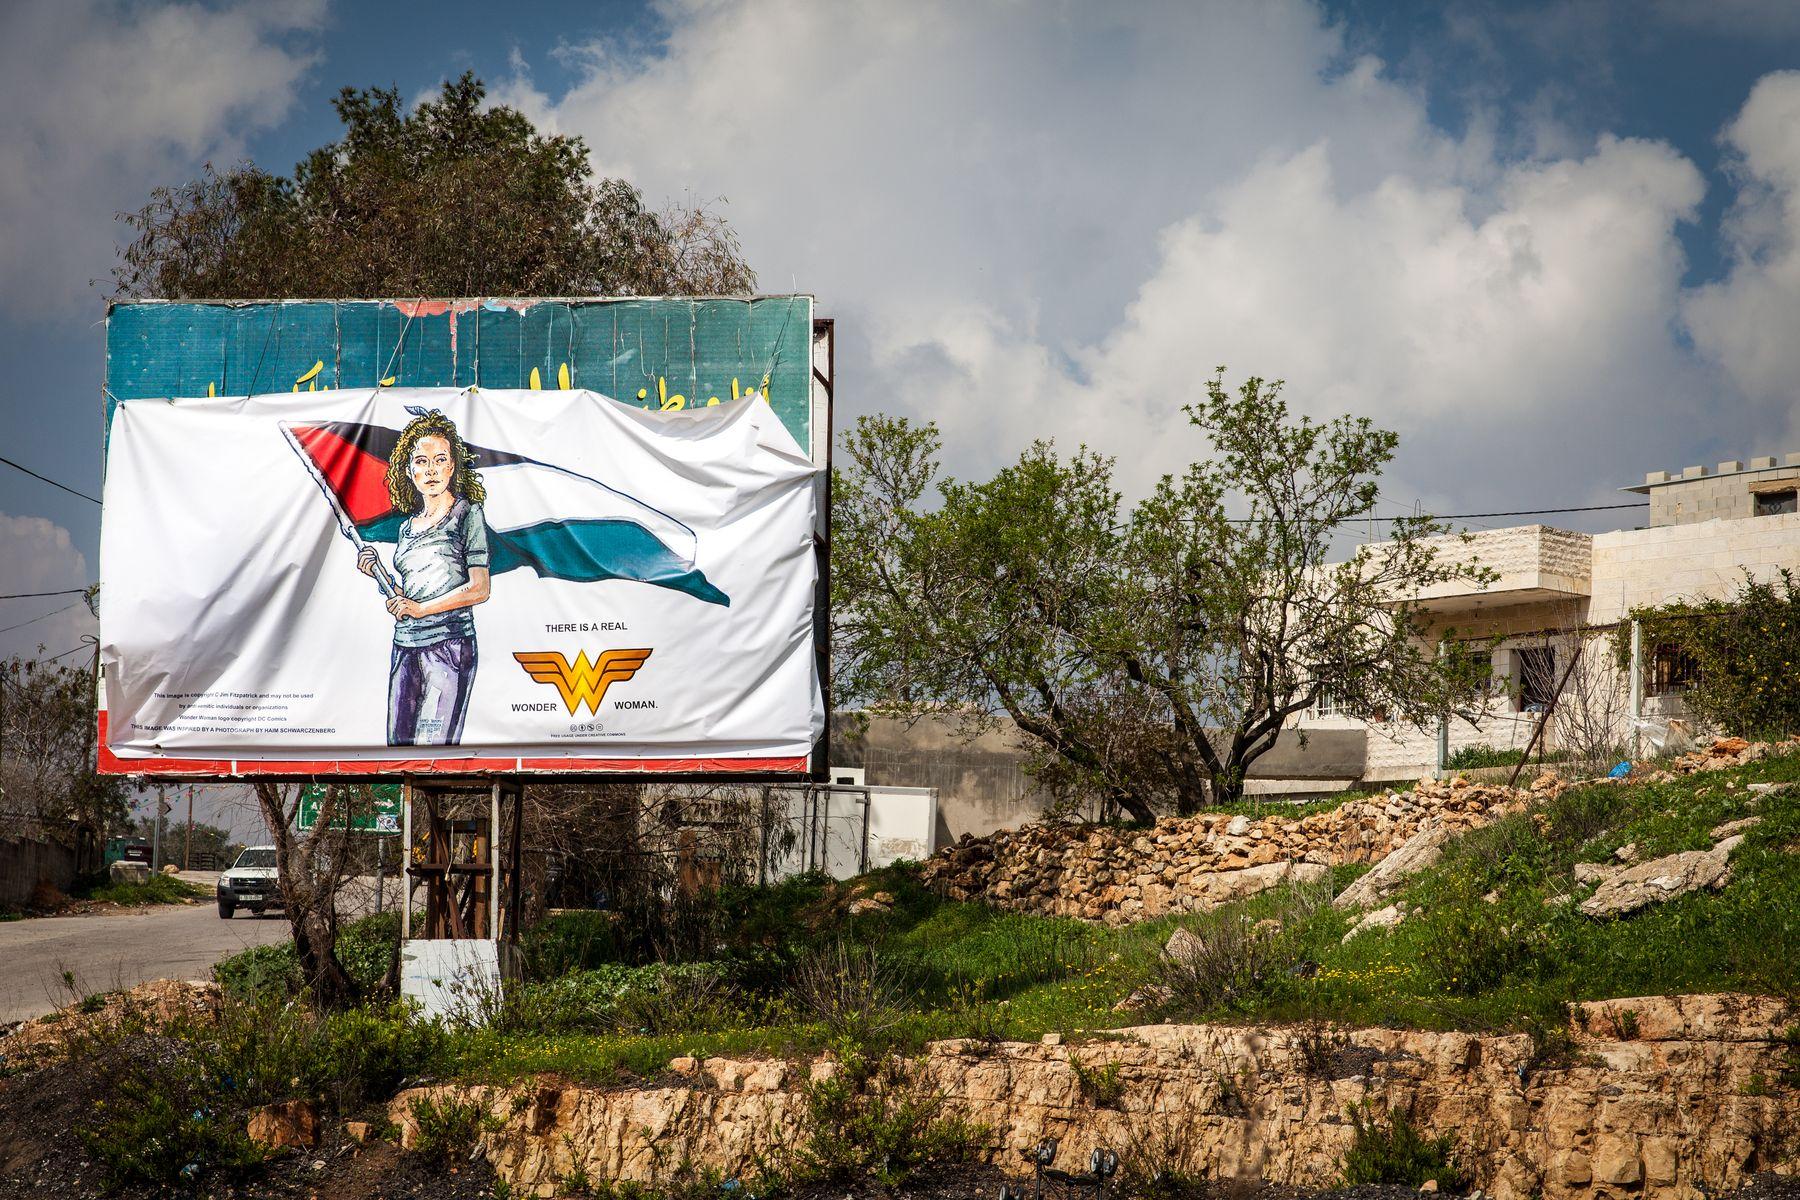 'There is a real Wonder Woman' dioen pankarta, Ahed Tamimiren irudiarekin, Nabi Saleh herriko sarrerako iragarki-taulan. Argazkia: Irantzu Pastor